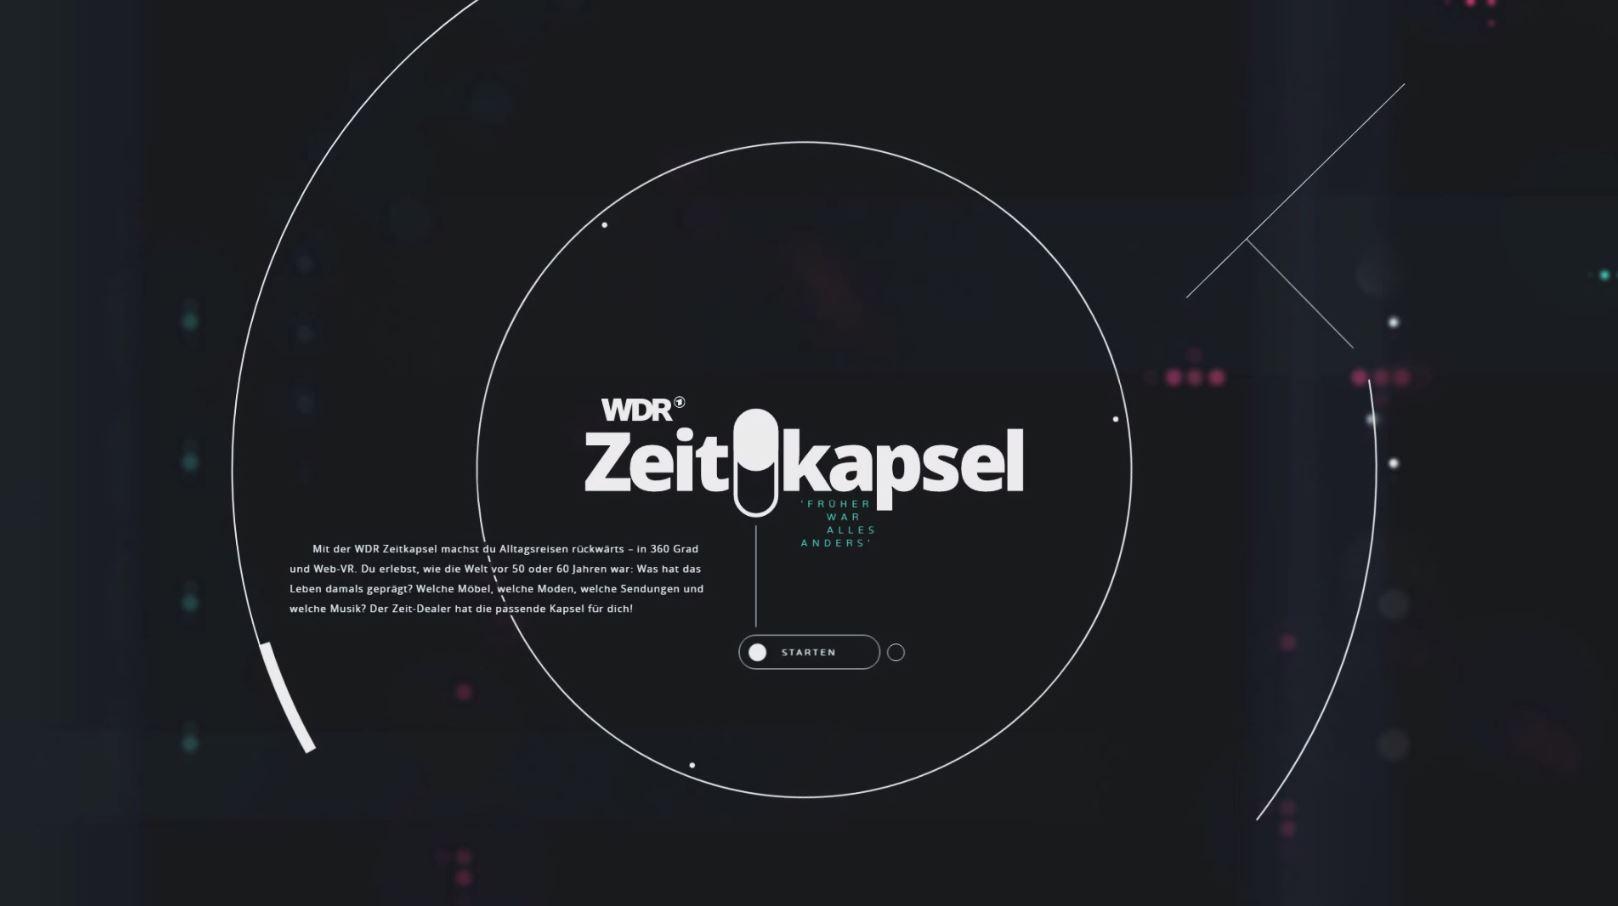 zeitkapsel screenshot